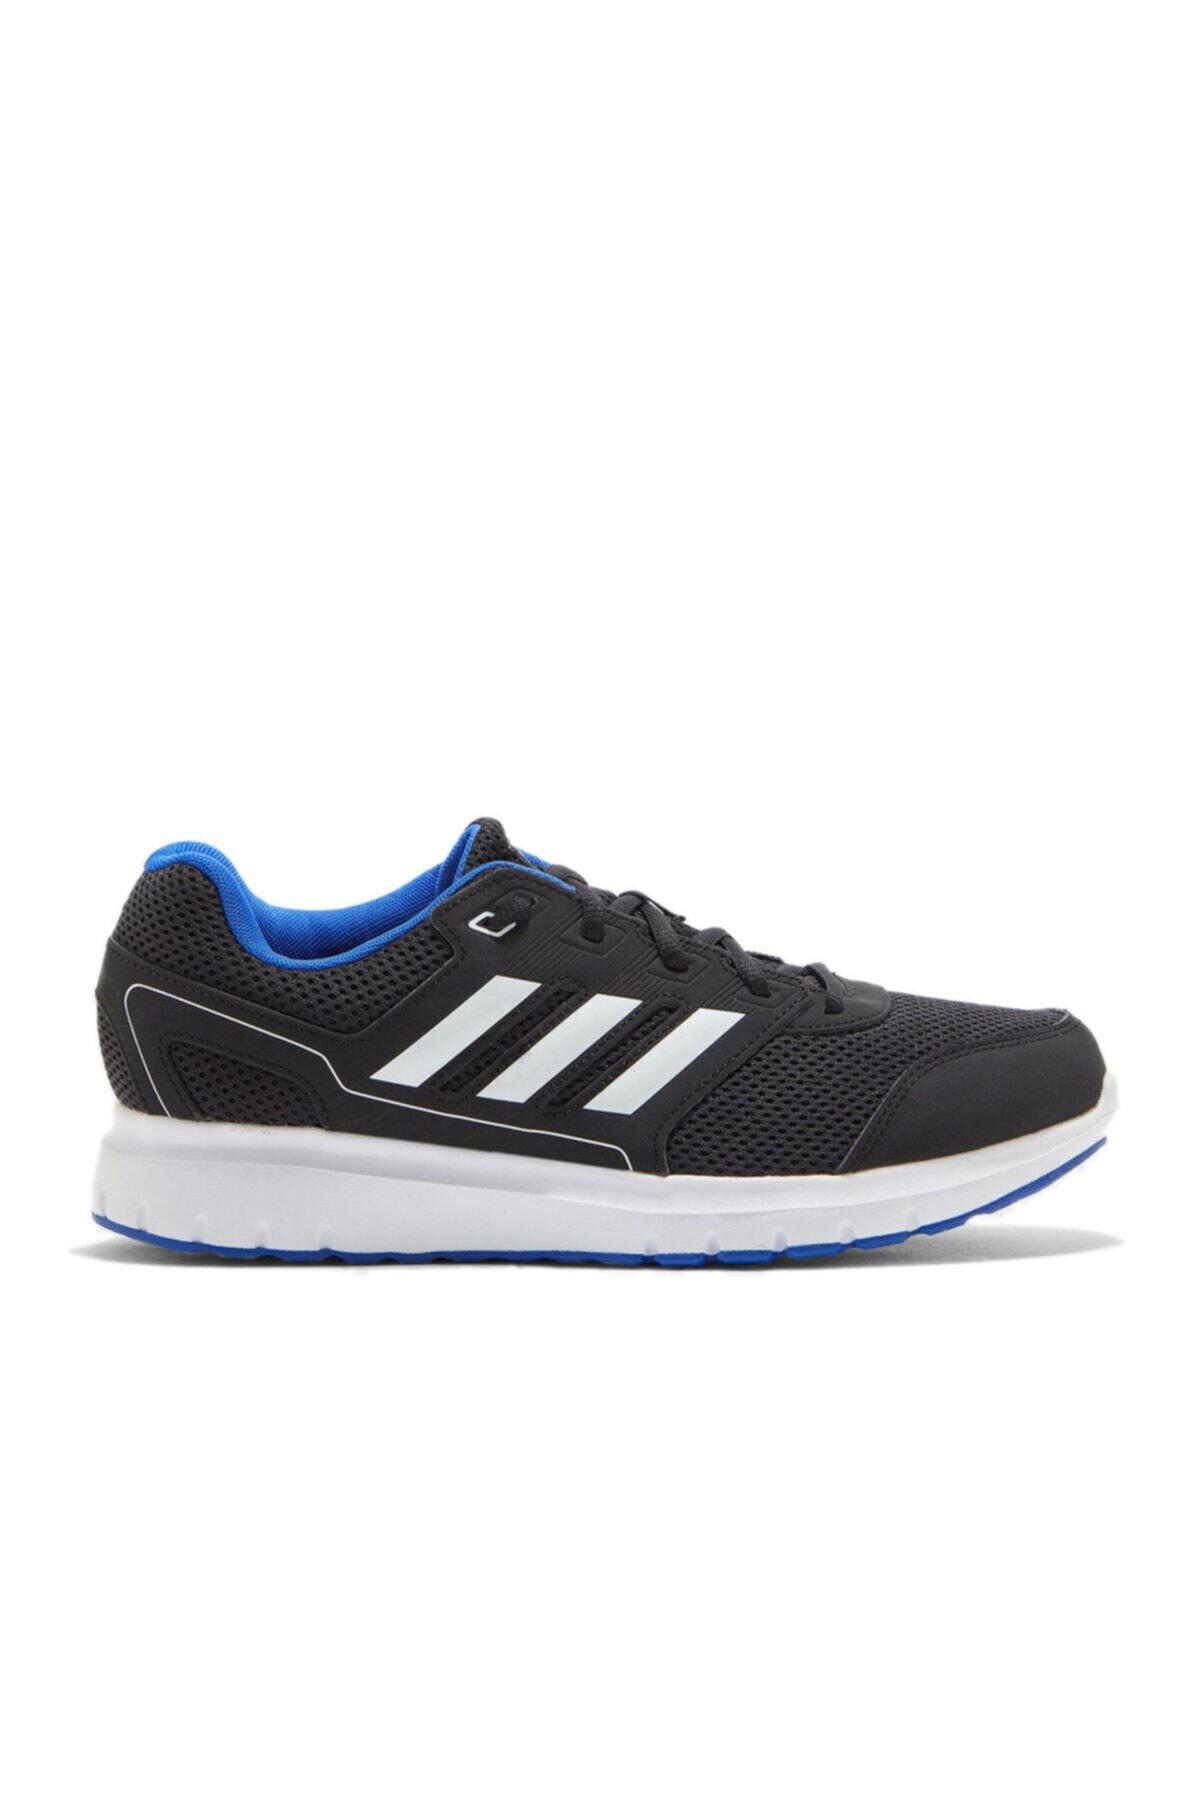 adidas DURAMO LITE 2.0 Siyah Erkek Koşu Ayakkabısı 100531396 2